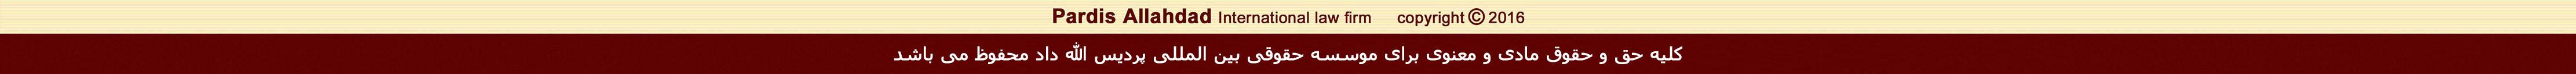 کلیه حقوق مادی و معنوی سایت برای پردیس الله داد محفوظ است.